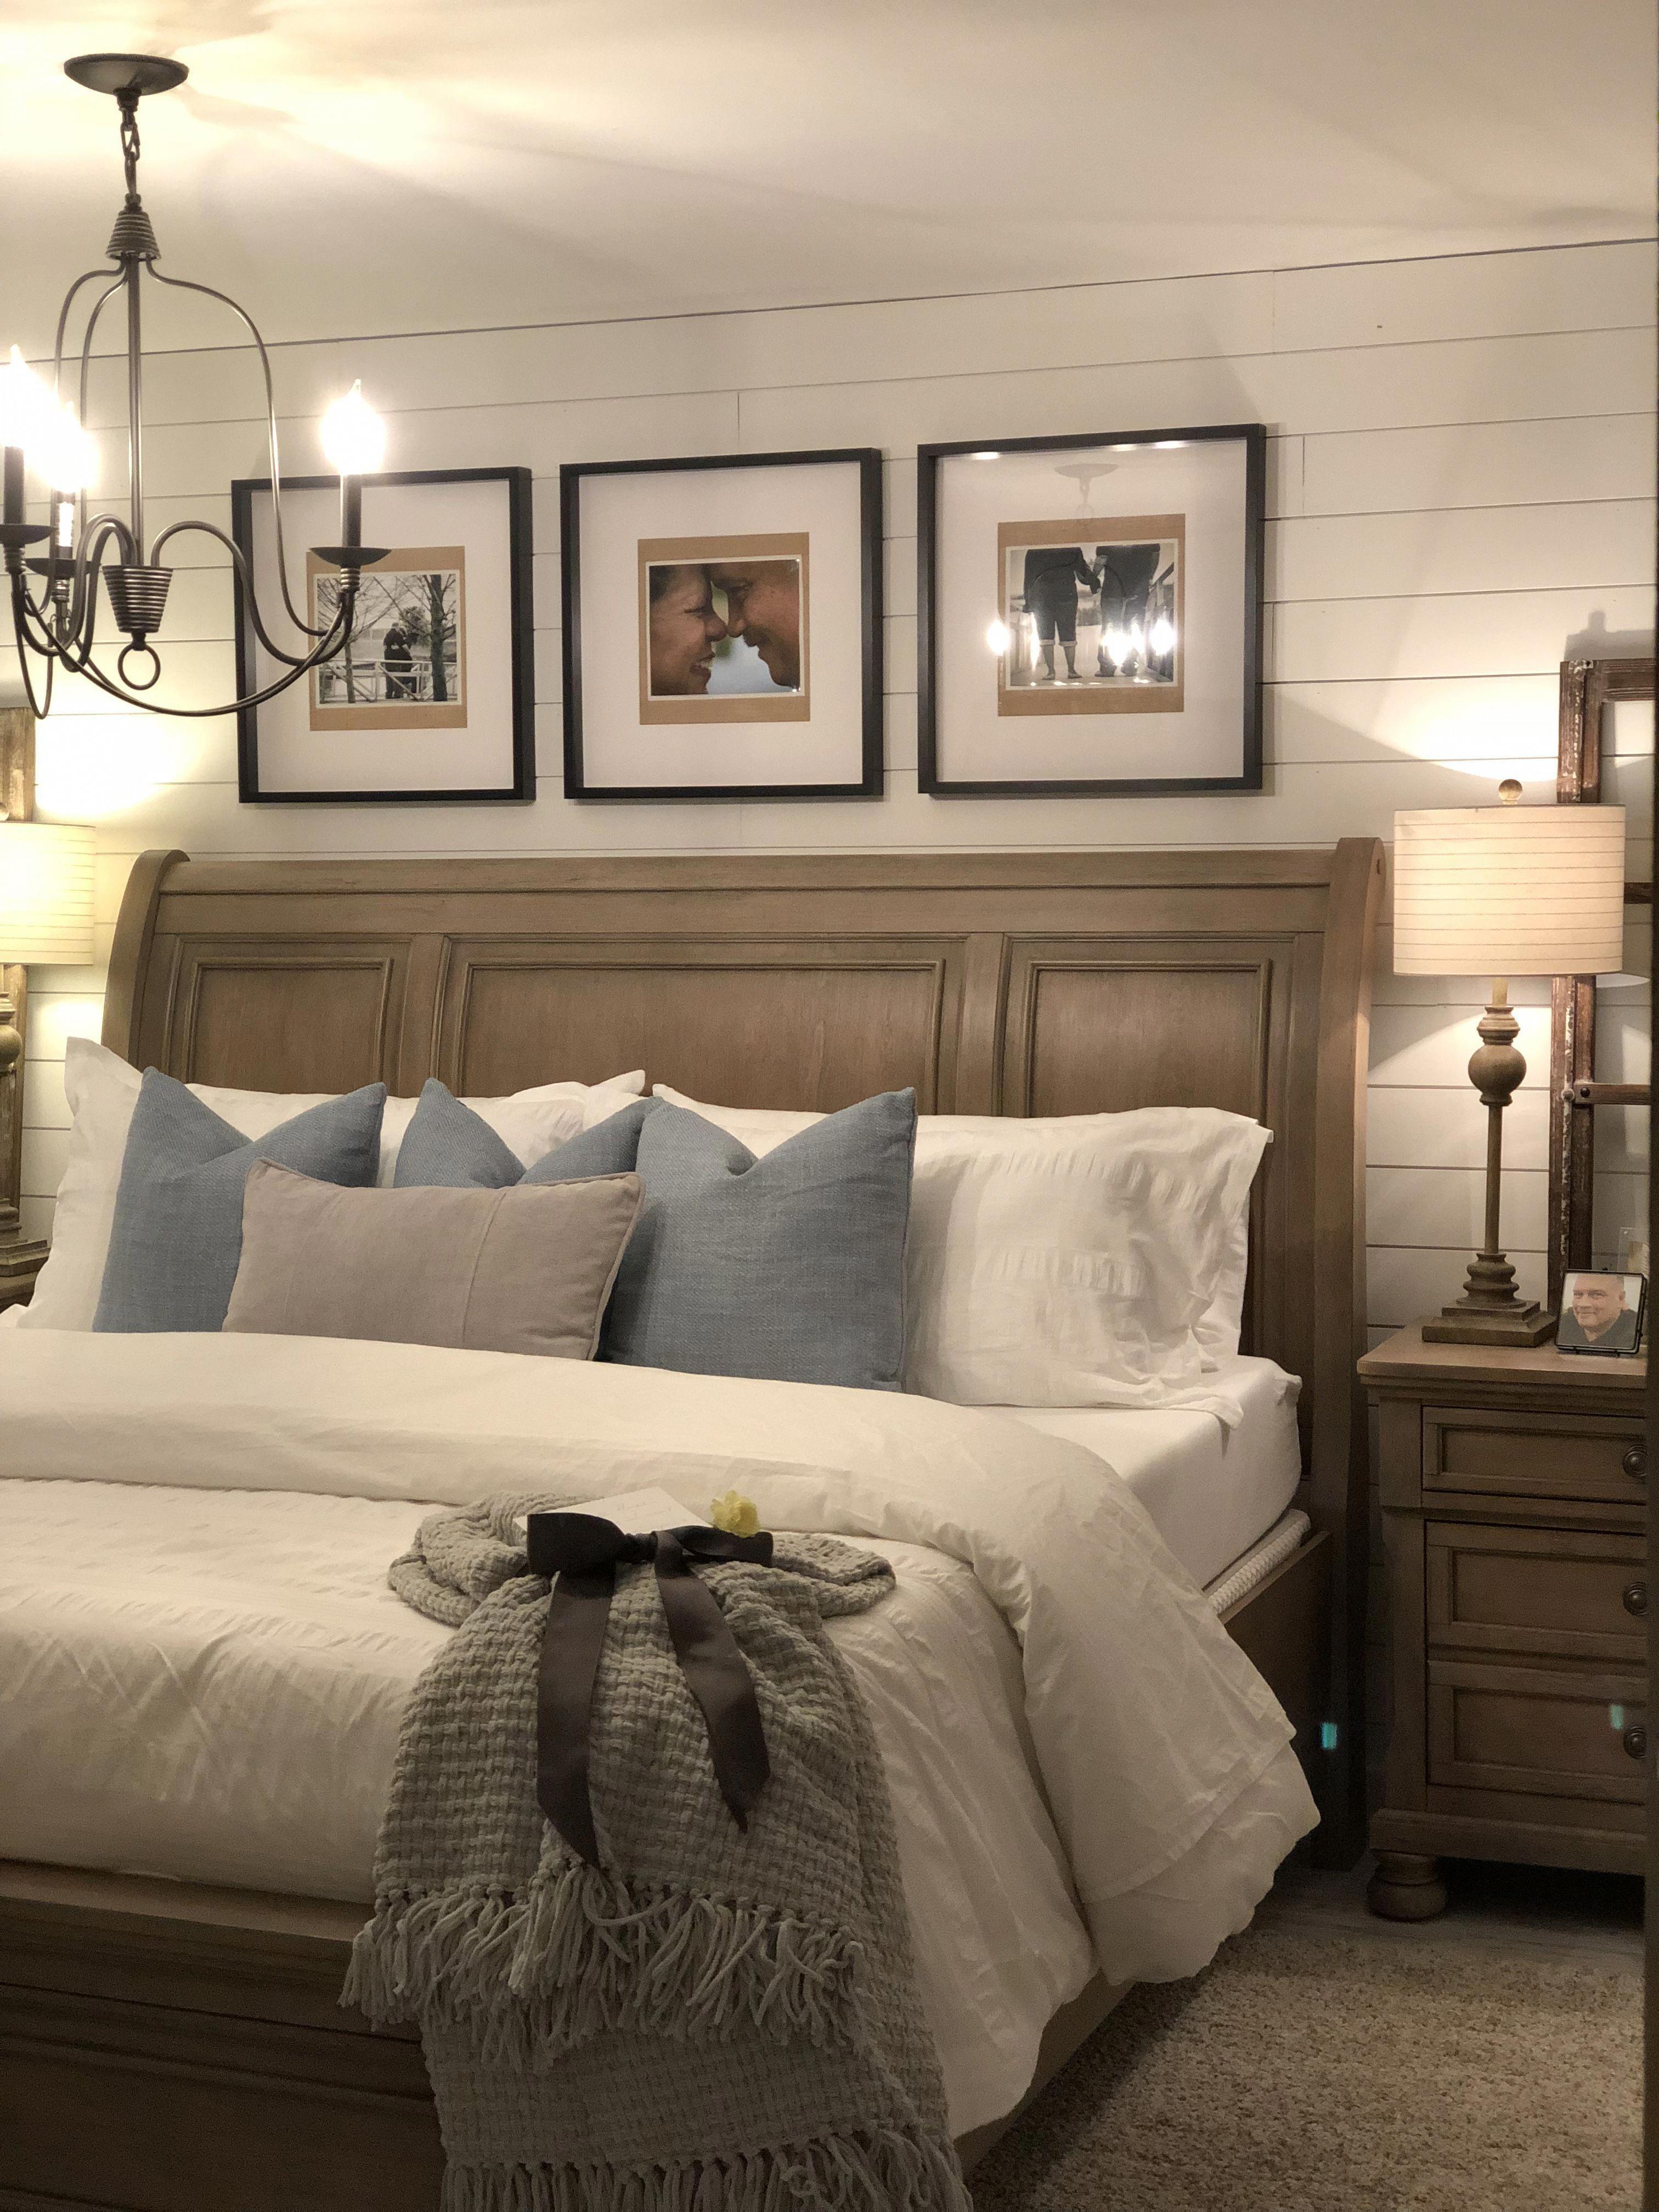 Rustic Farmhouse Style Master Bedroom Ideas 35 Dormitorios Dormitorios Recamaras Decoracion De Interiores